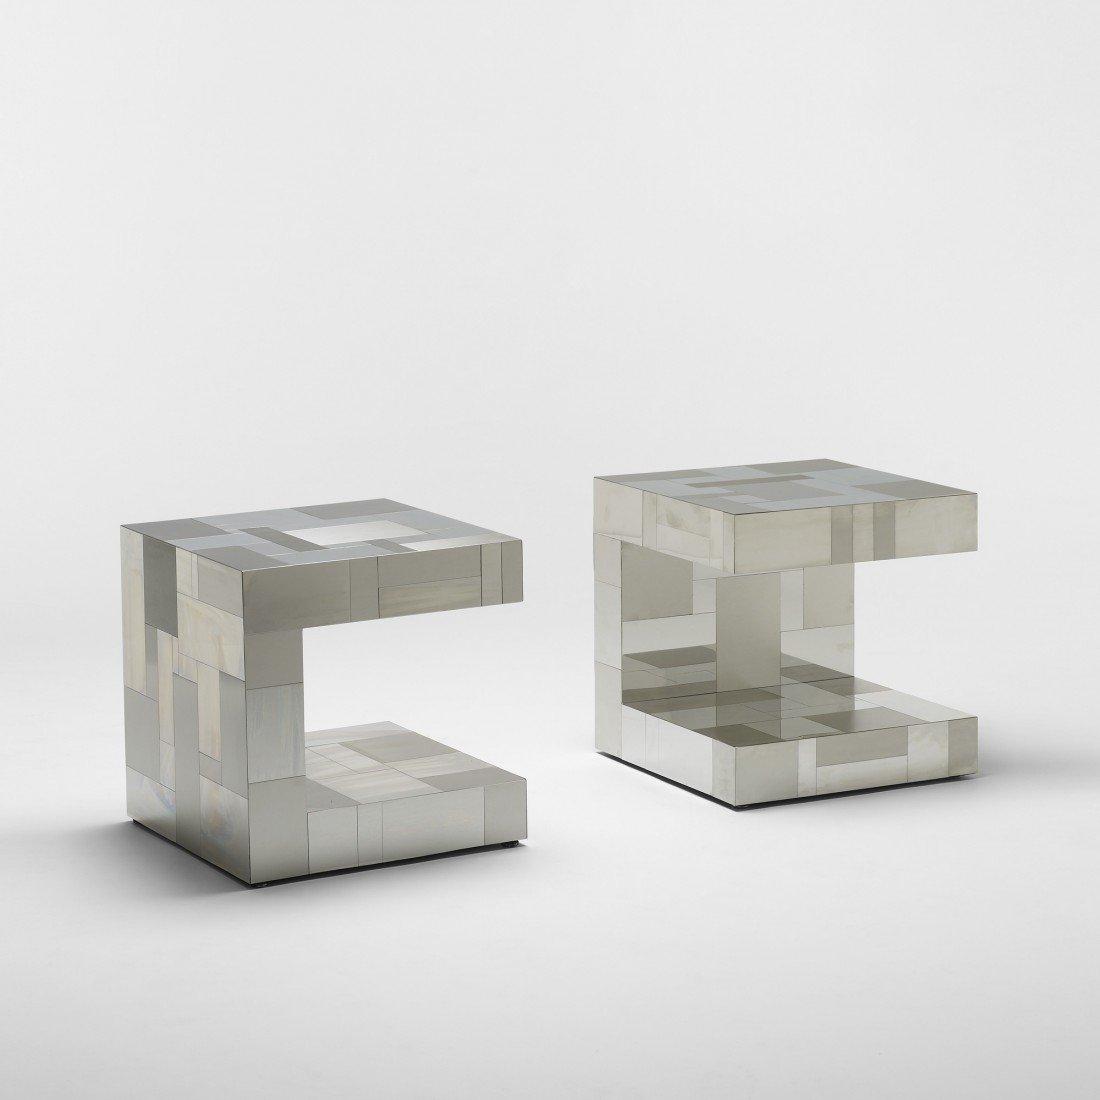 153: Paul Evans Cityscape tables, model PE 222